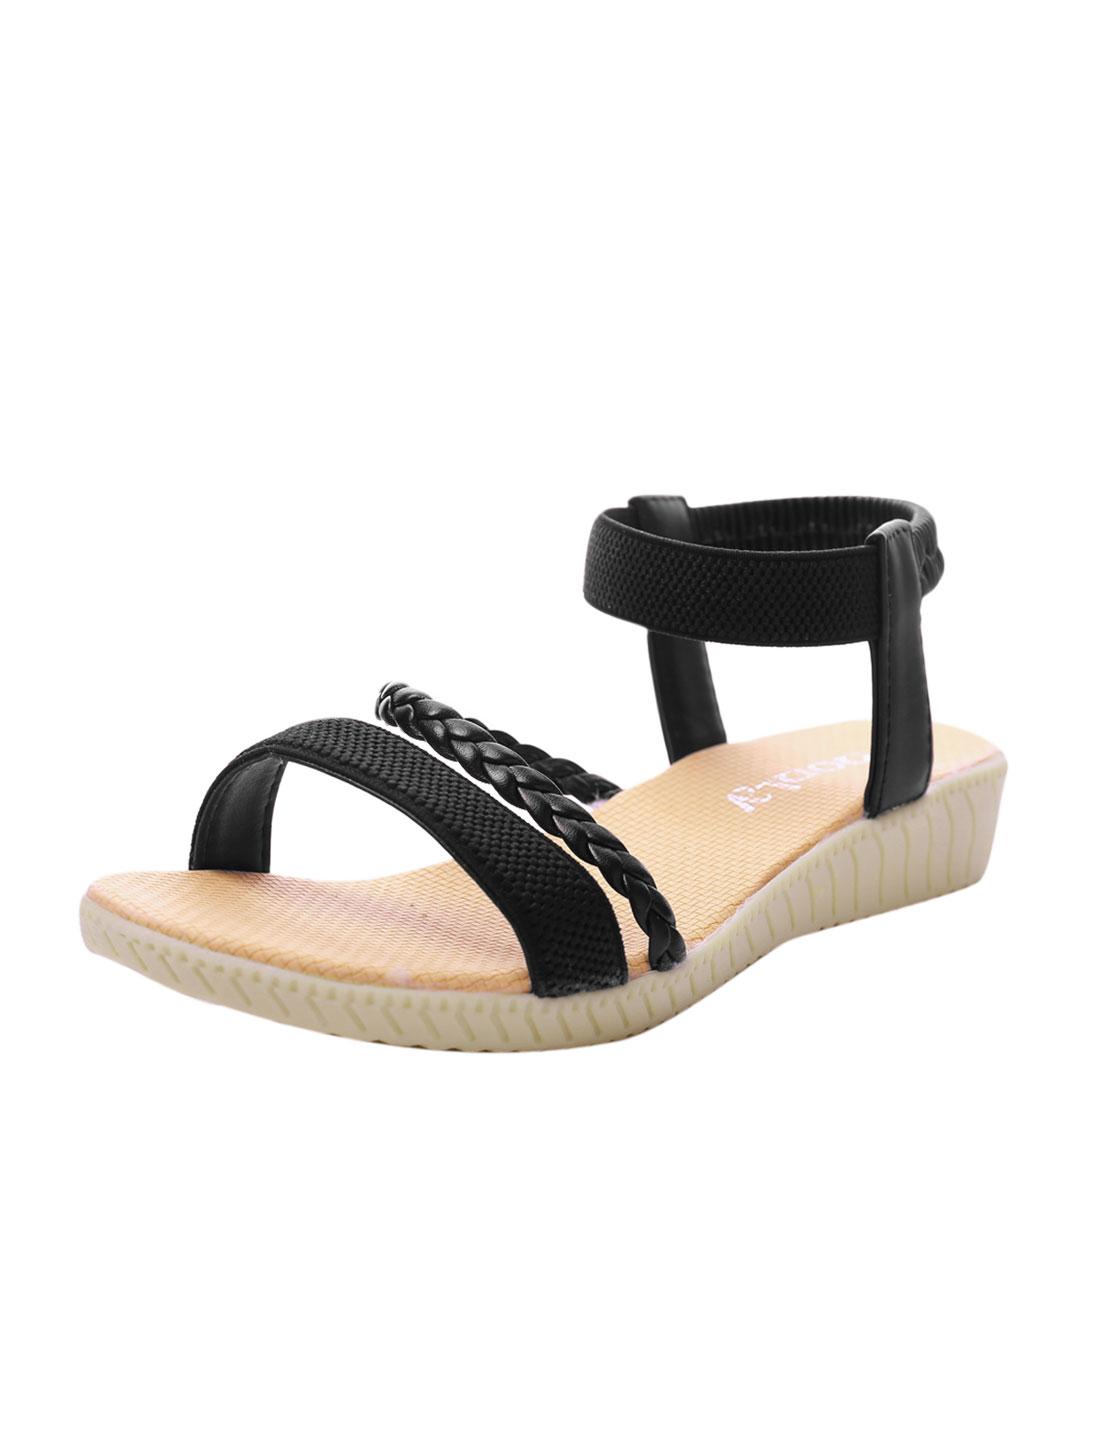 Woman Elastic Ankle Strap Weaven Strap Panel Sandals Black US 5